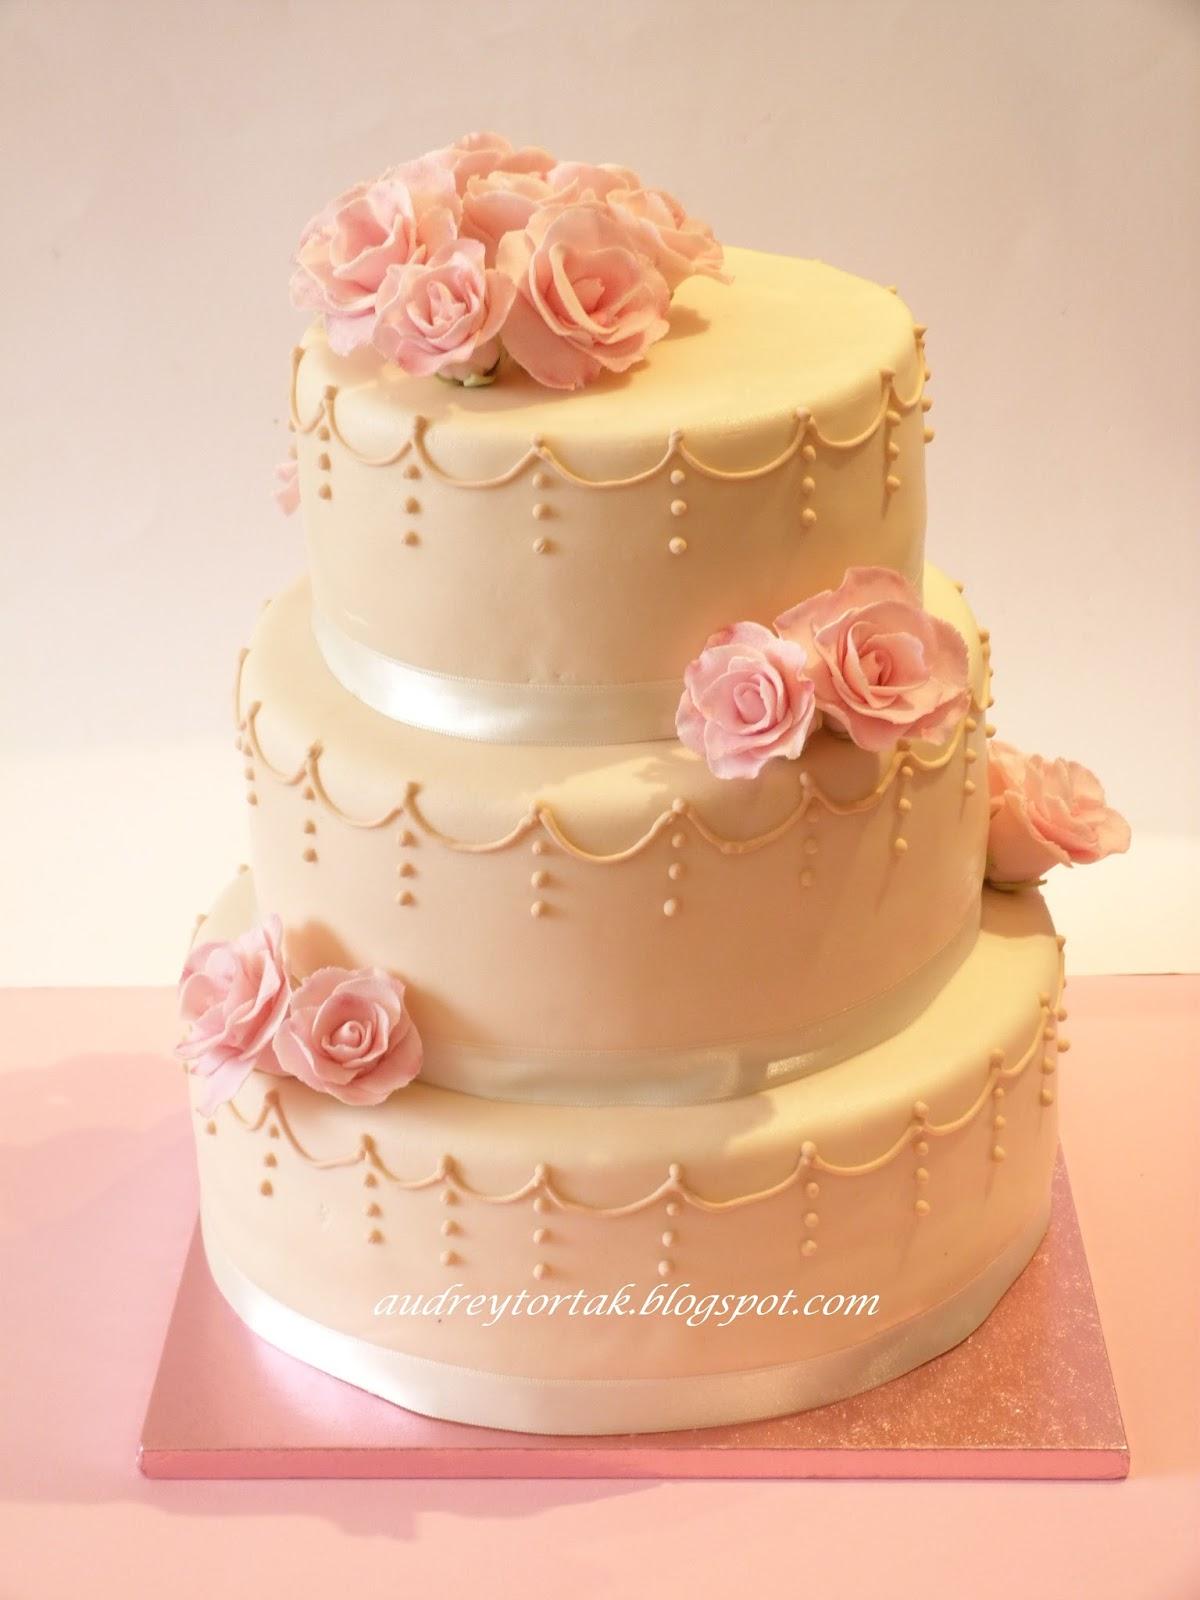 esküvői torta díszítése Egy szelet tortát?: Esküvői torta pasztell színekben esküvői torta díszítése